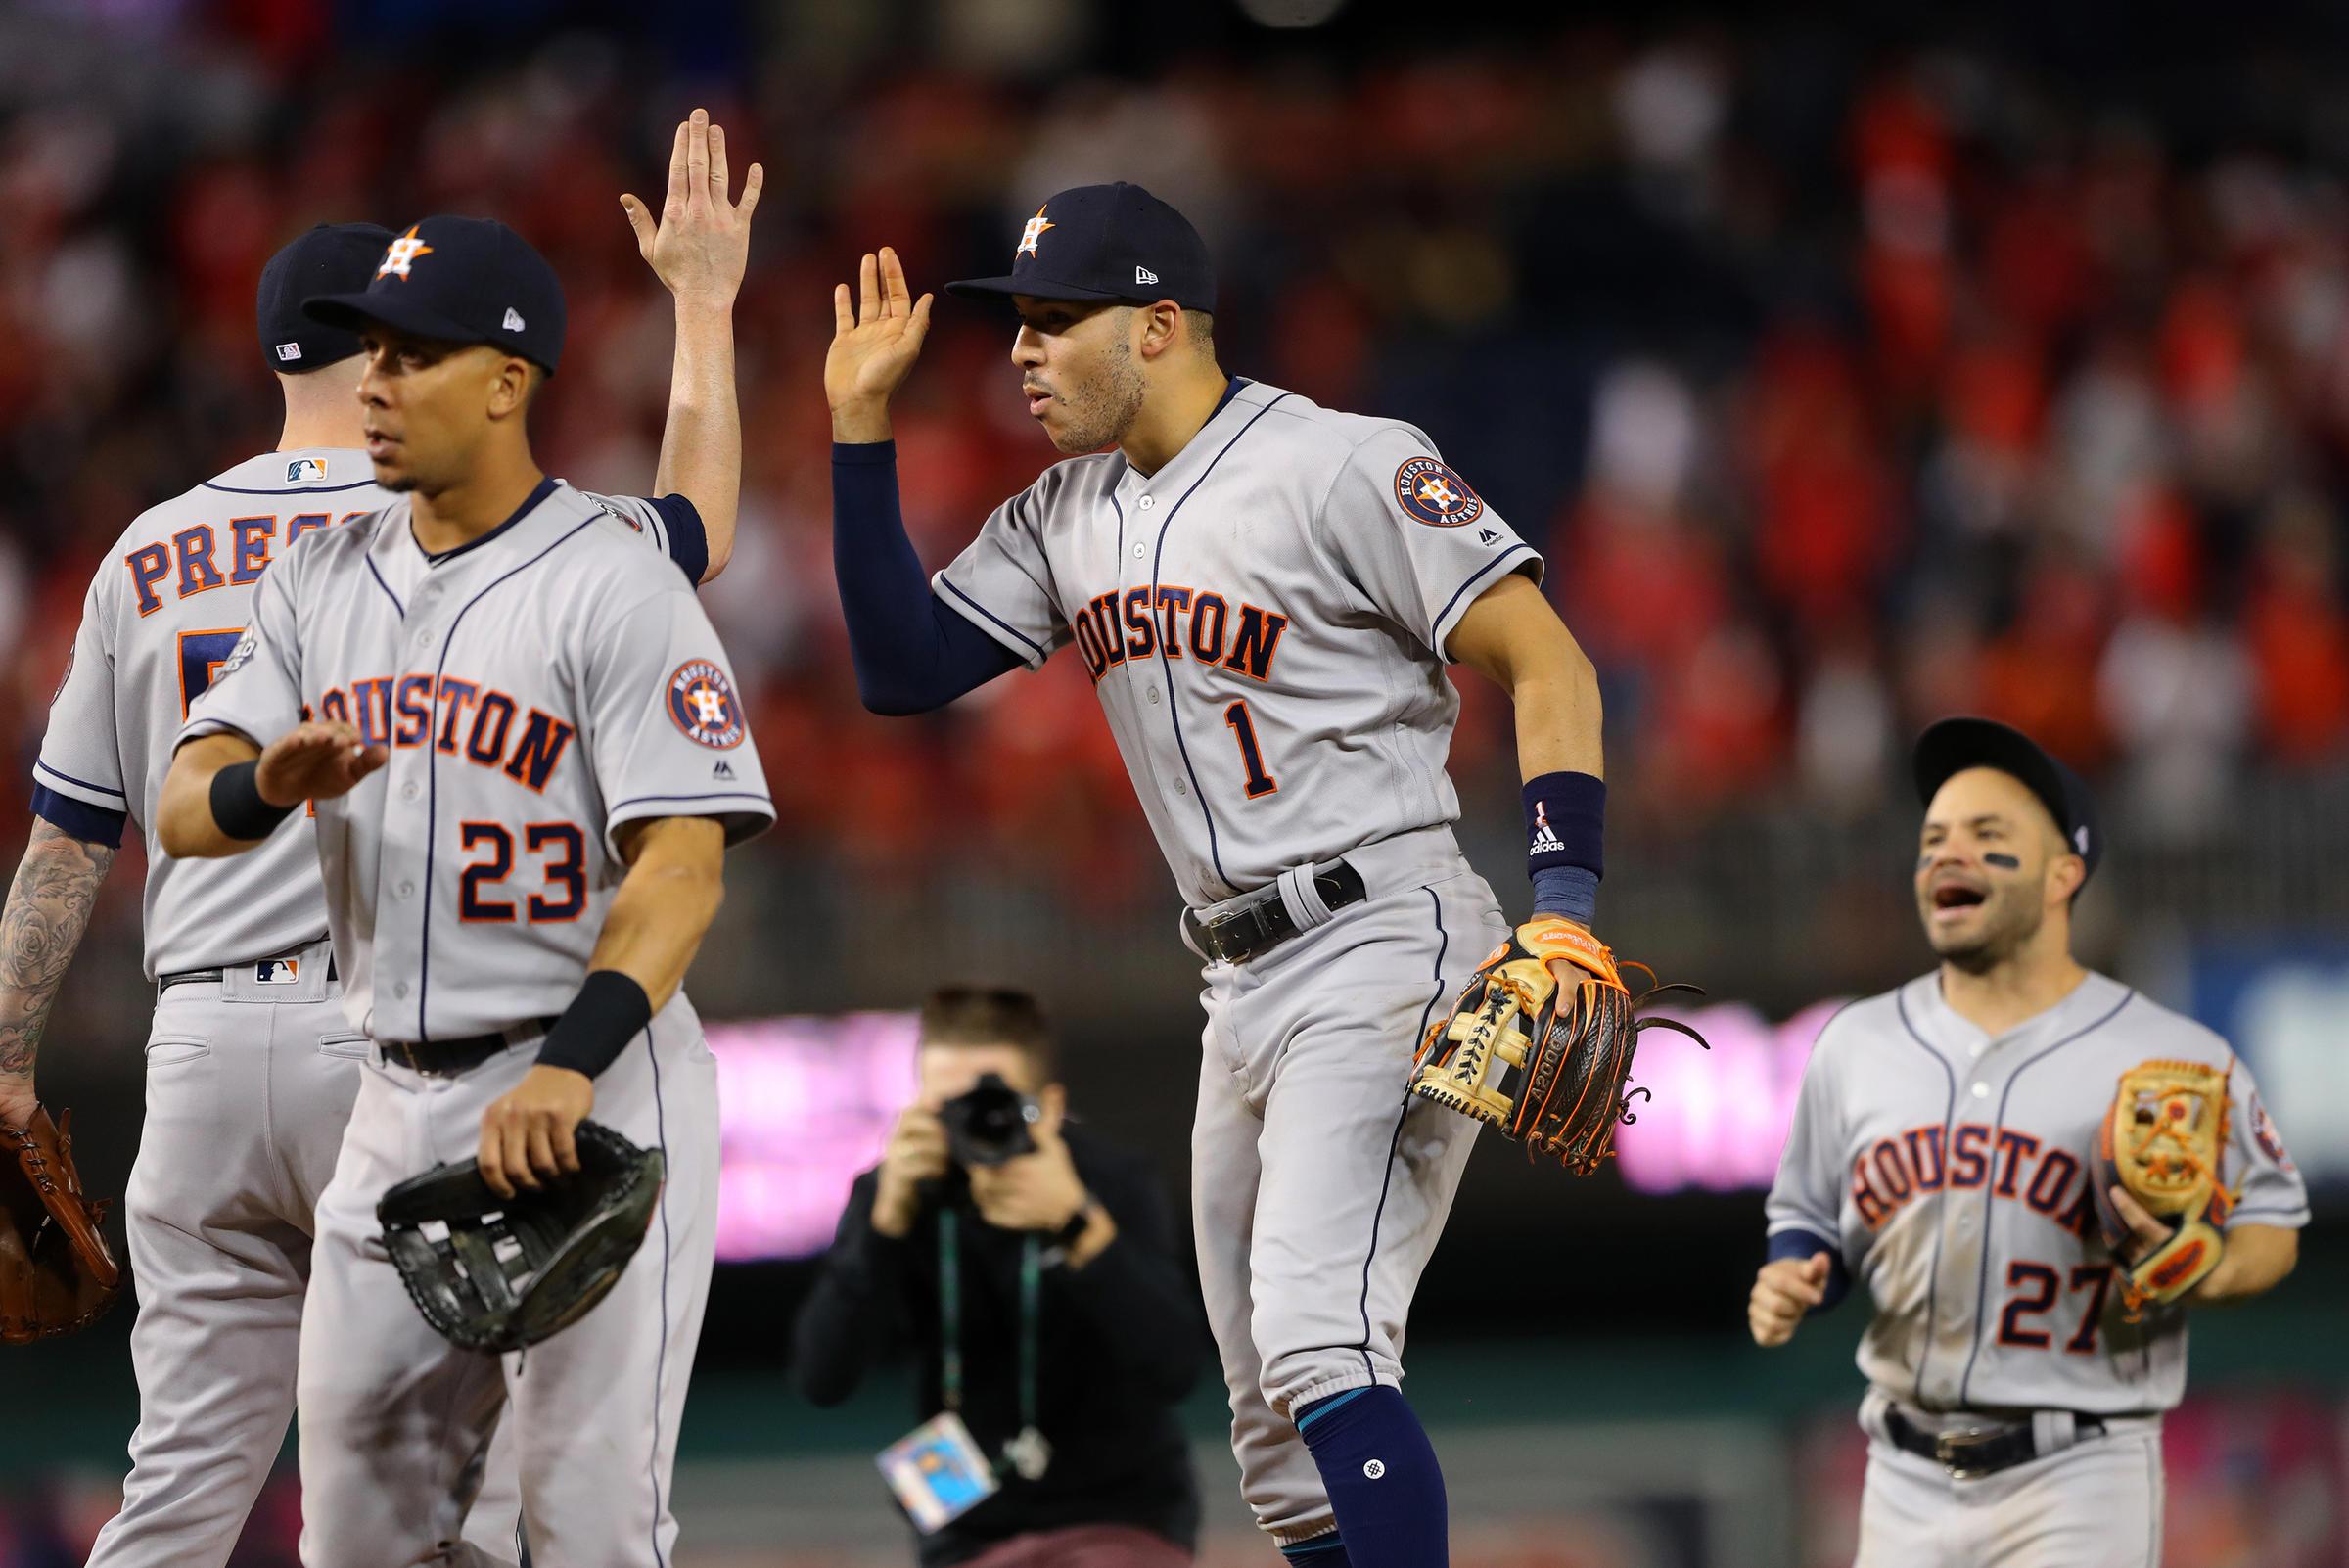 Astros World Series >> Houston Astros Take 3 2 World Series Lead Over Washington